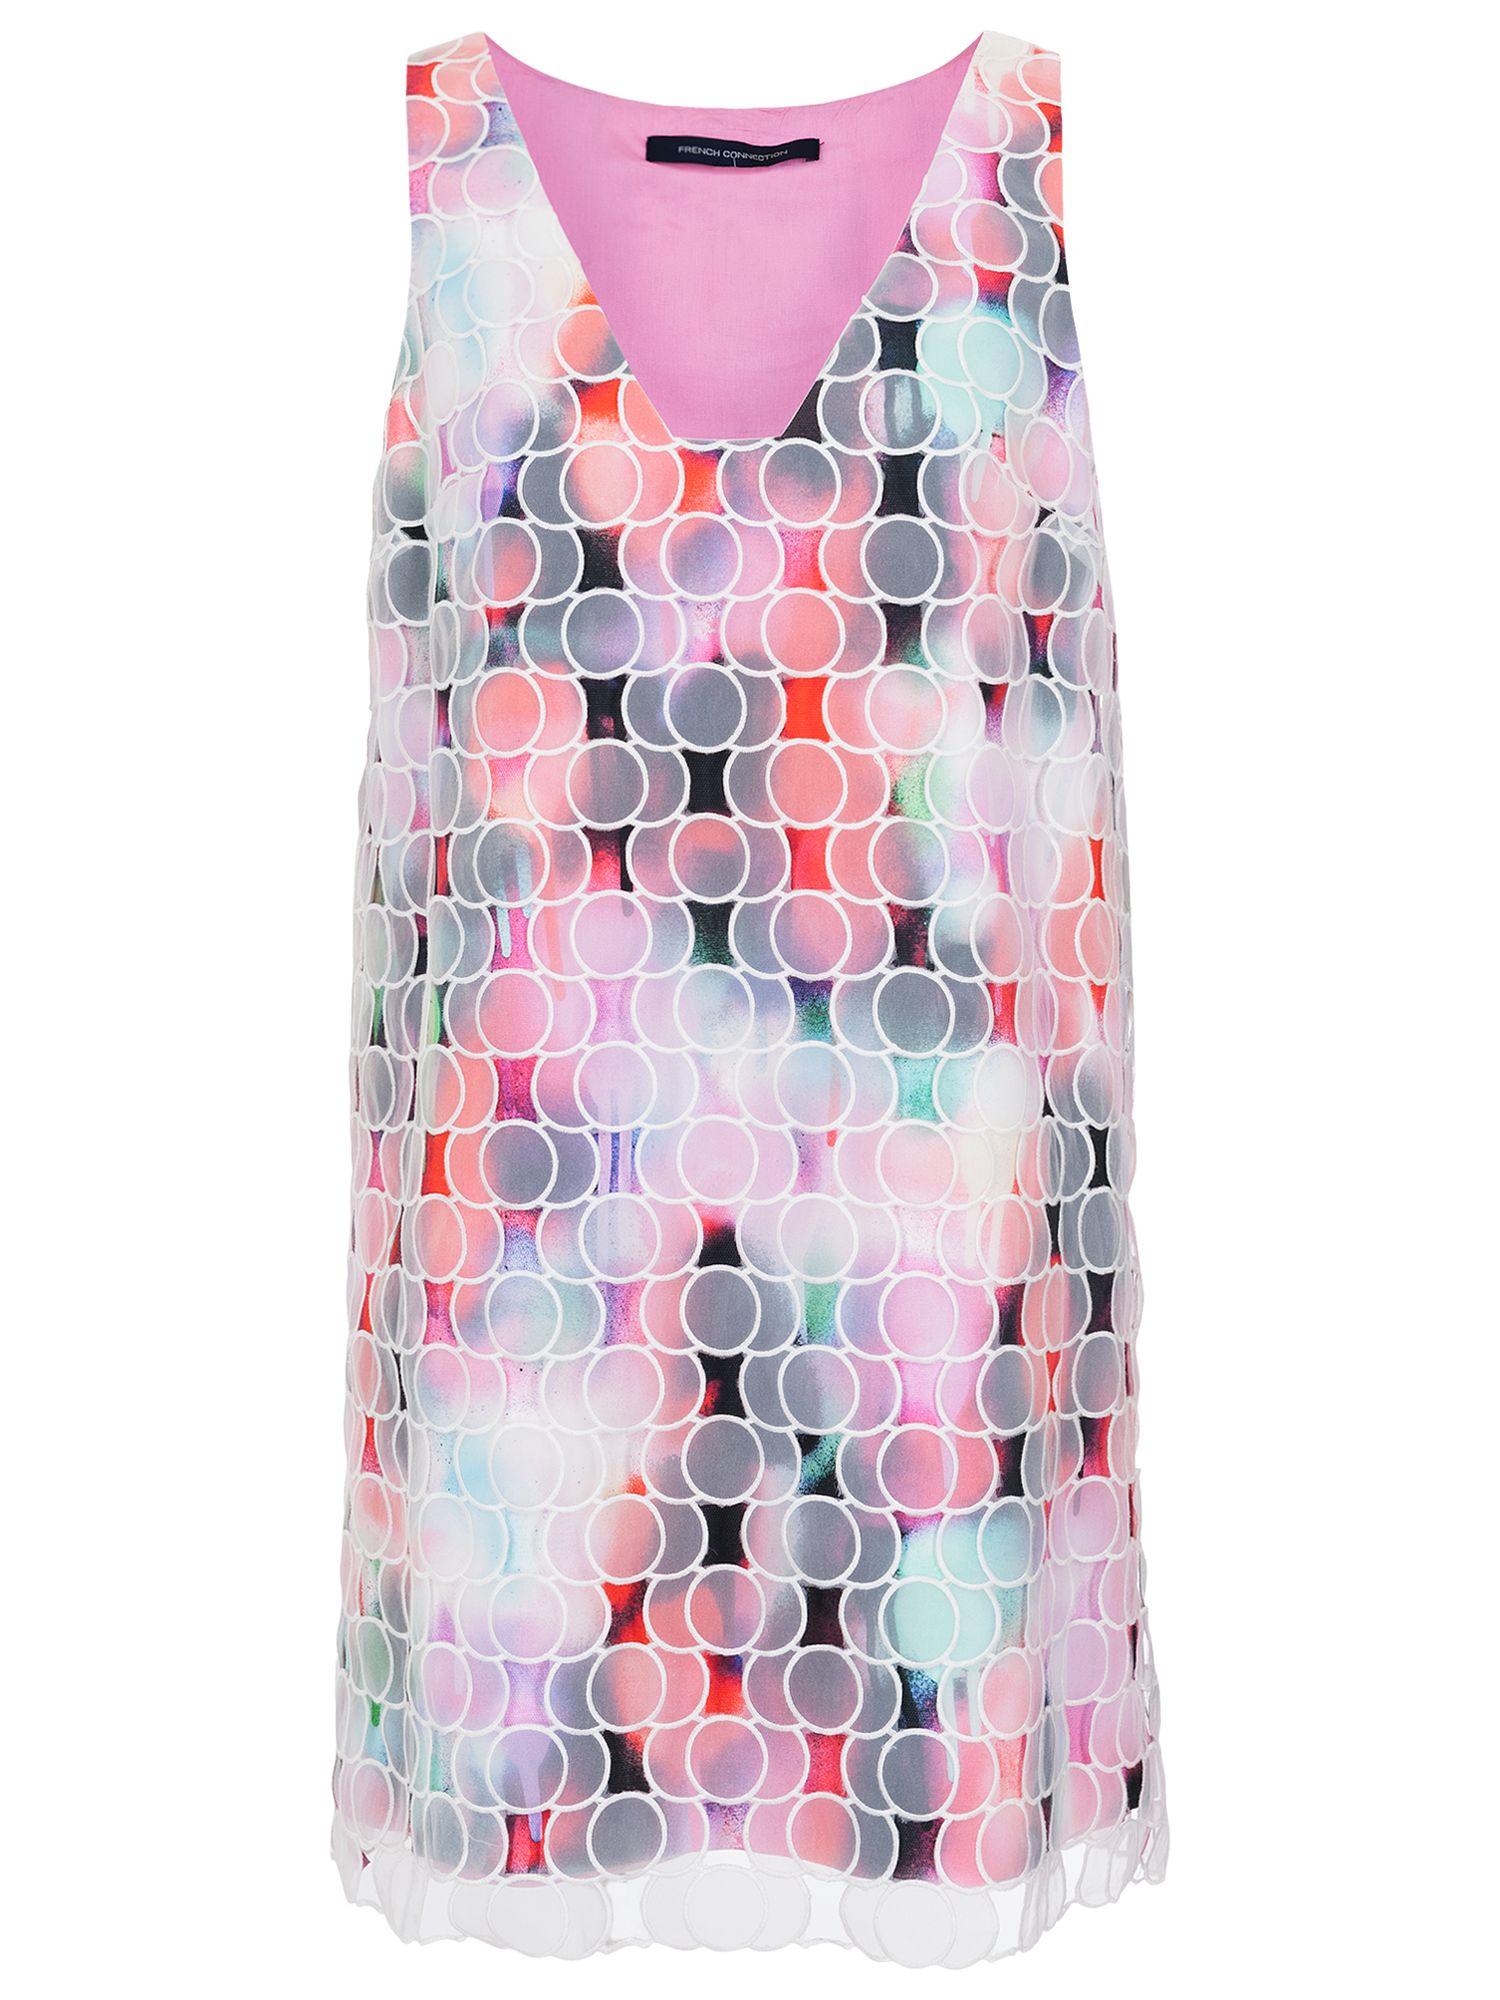 french connection miami graffiti organza dress multi, french, connection, miami, graffiti, organza, dress, multi, french connection, 10 8 12 14 6 16, women, womens dresses, 1889466